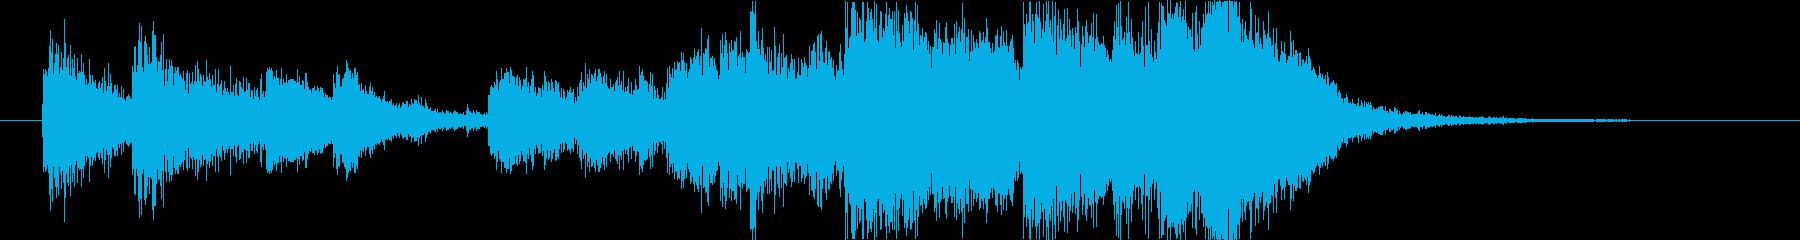 軍事モノアニメ的なジングルの再生済みの波形